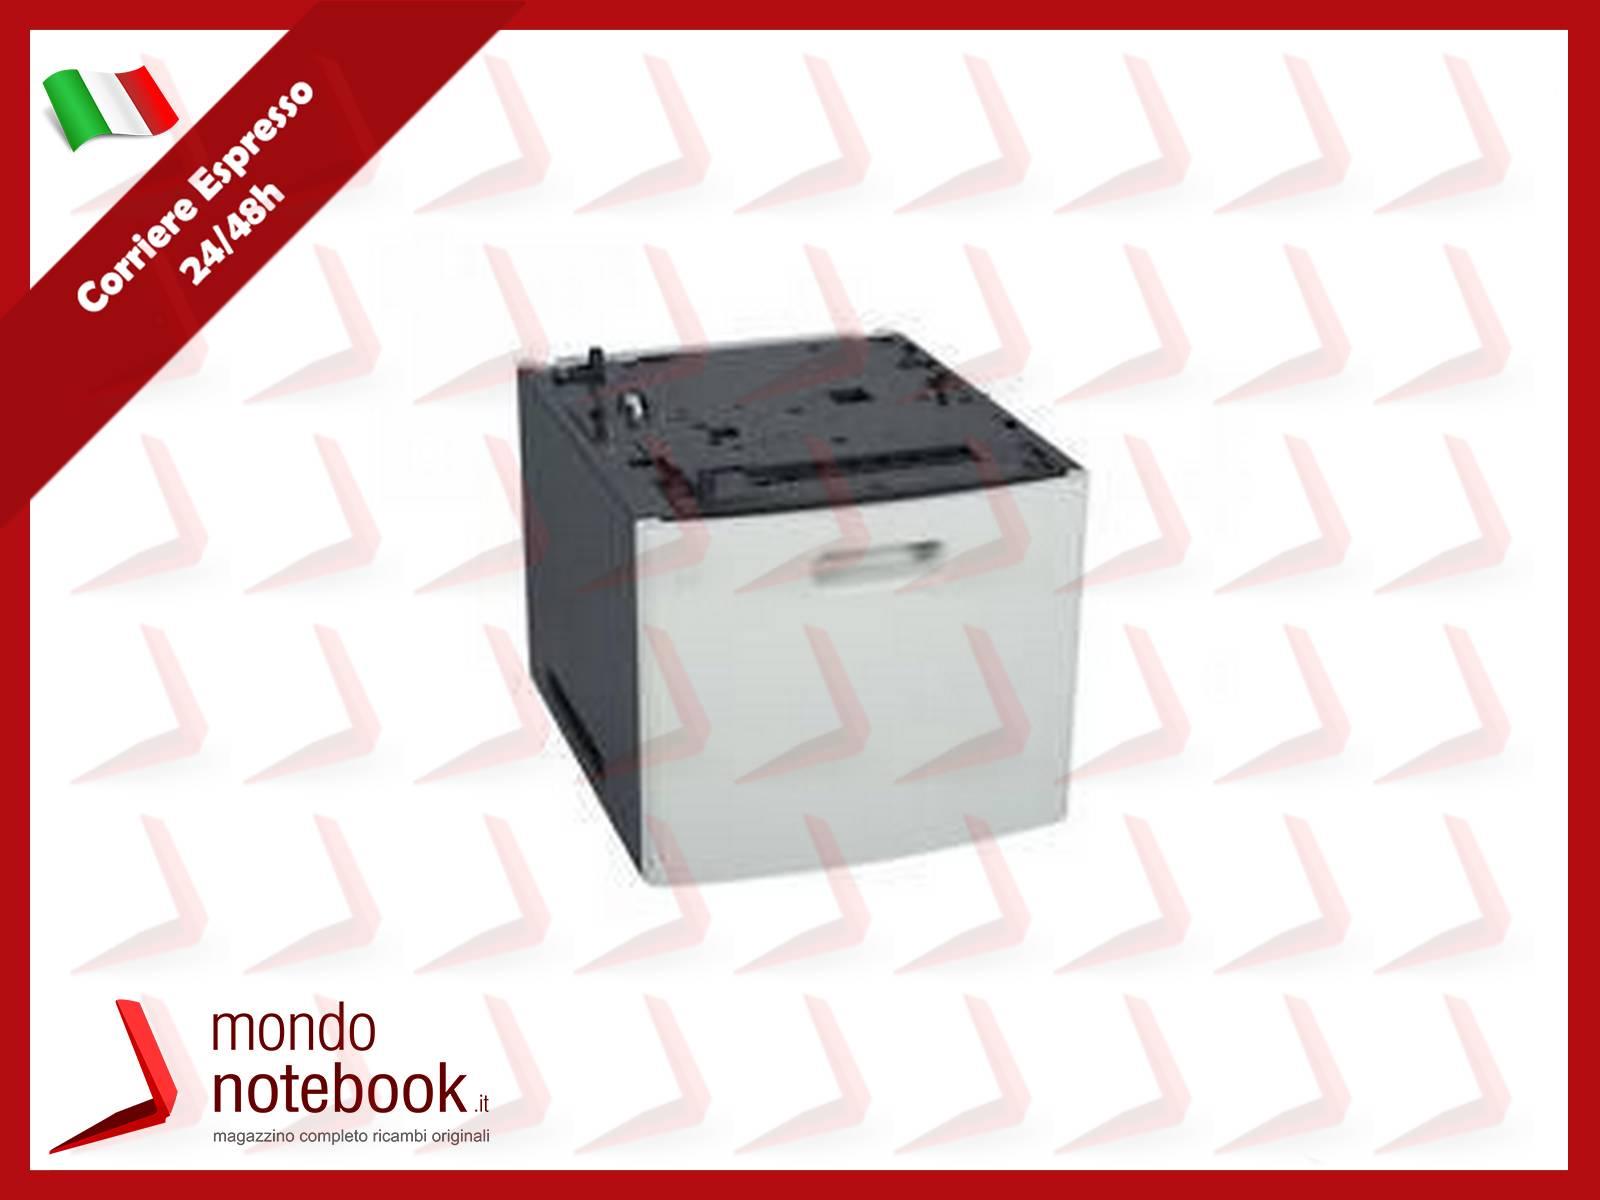 https://www.mondonotebook.it/17857/alimentatore-desktop-atx-originale-hp-240w.jpg